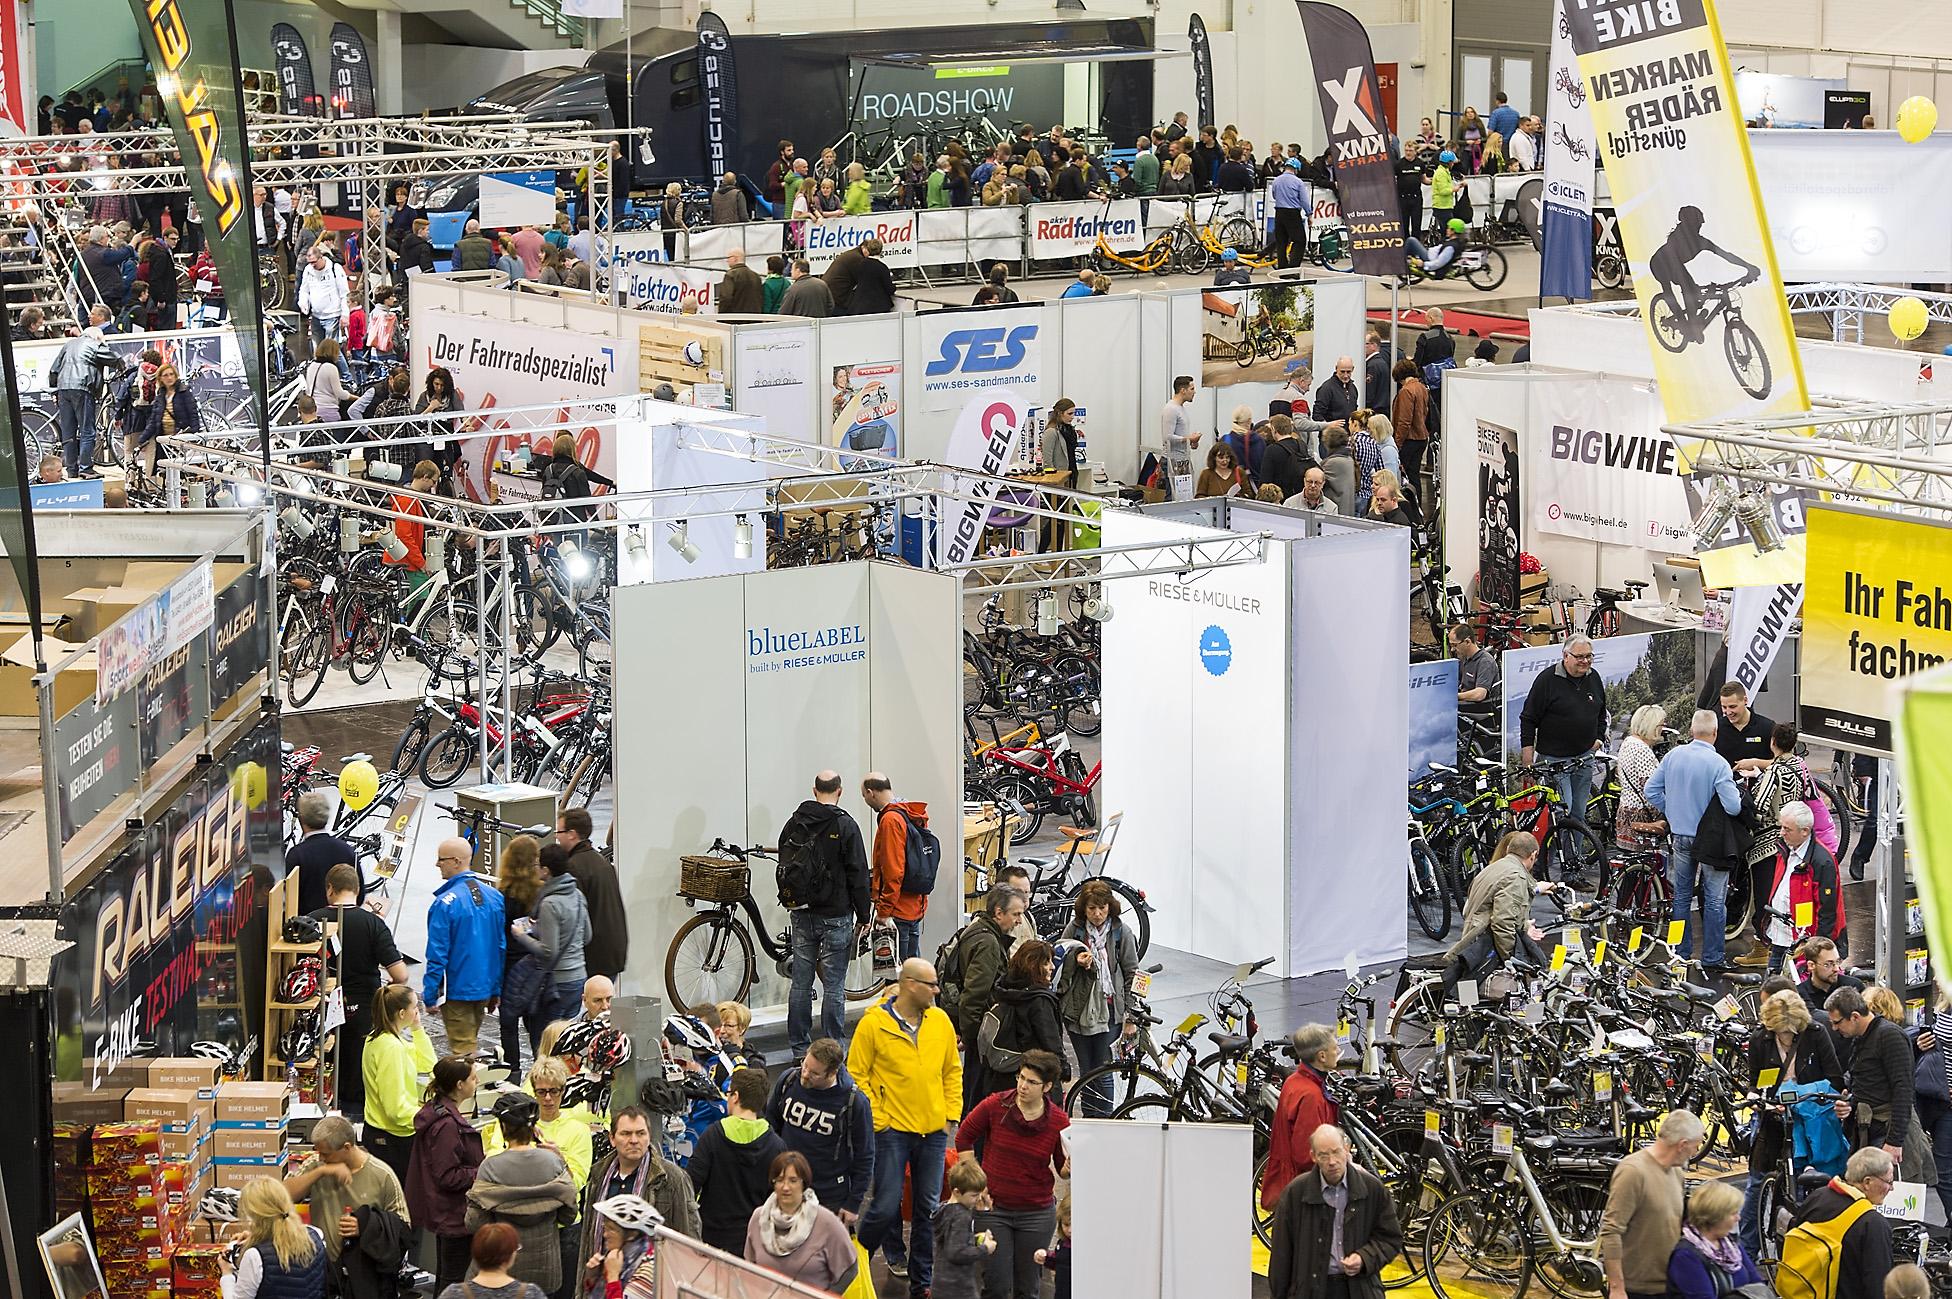 fahrrad-essen-2016-expo